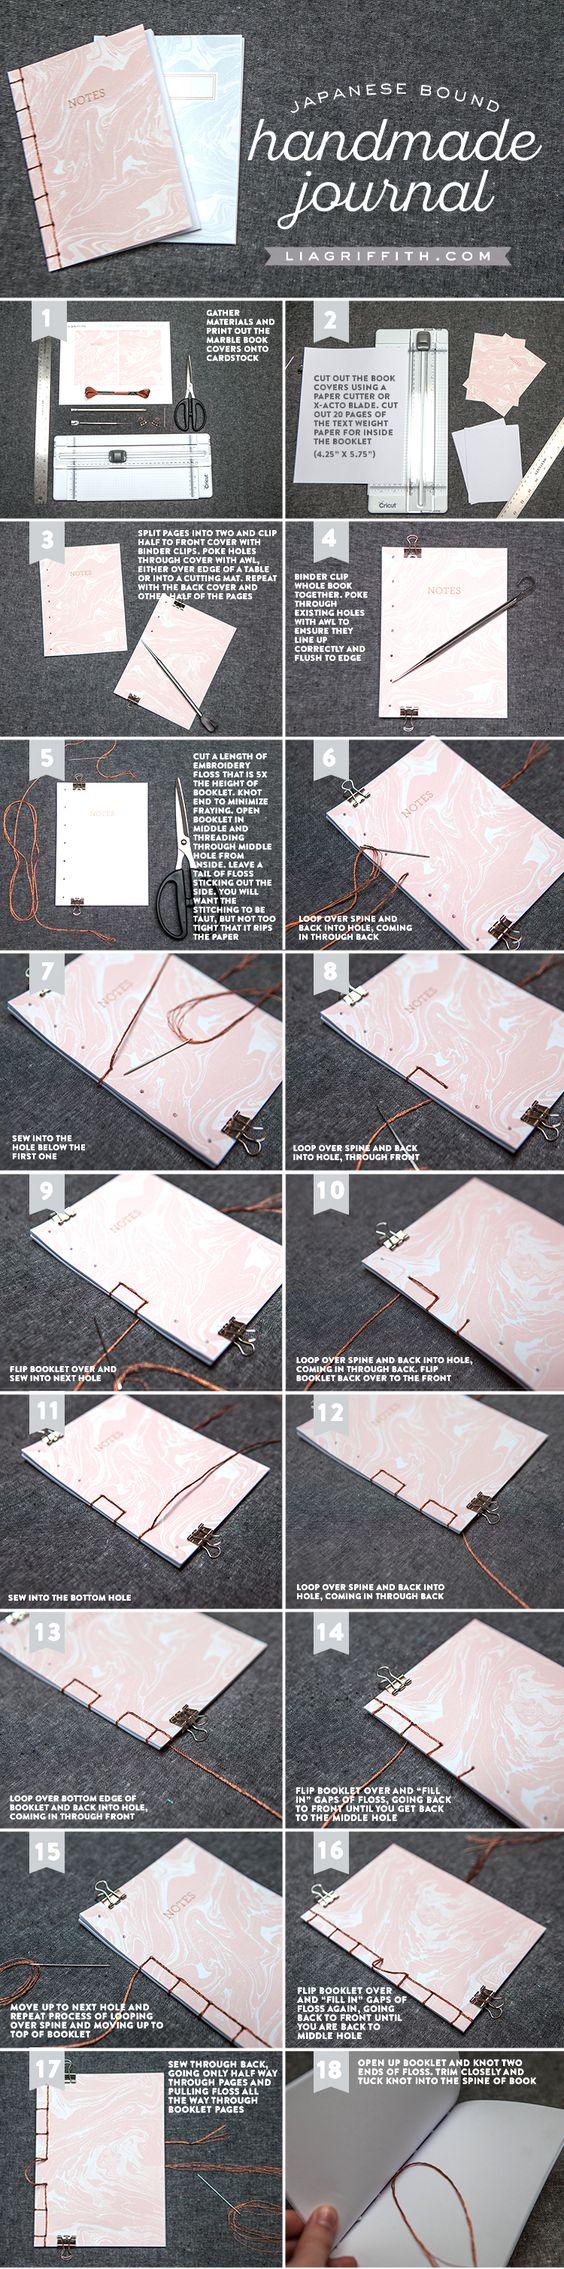 按照我们简单的分步教程来绑定手工日记。下载我们漂亮的大理石封面,并将日记放入您的钱包中轻松记笔记!